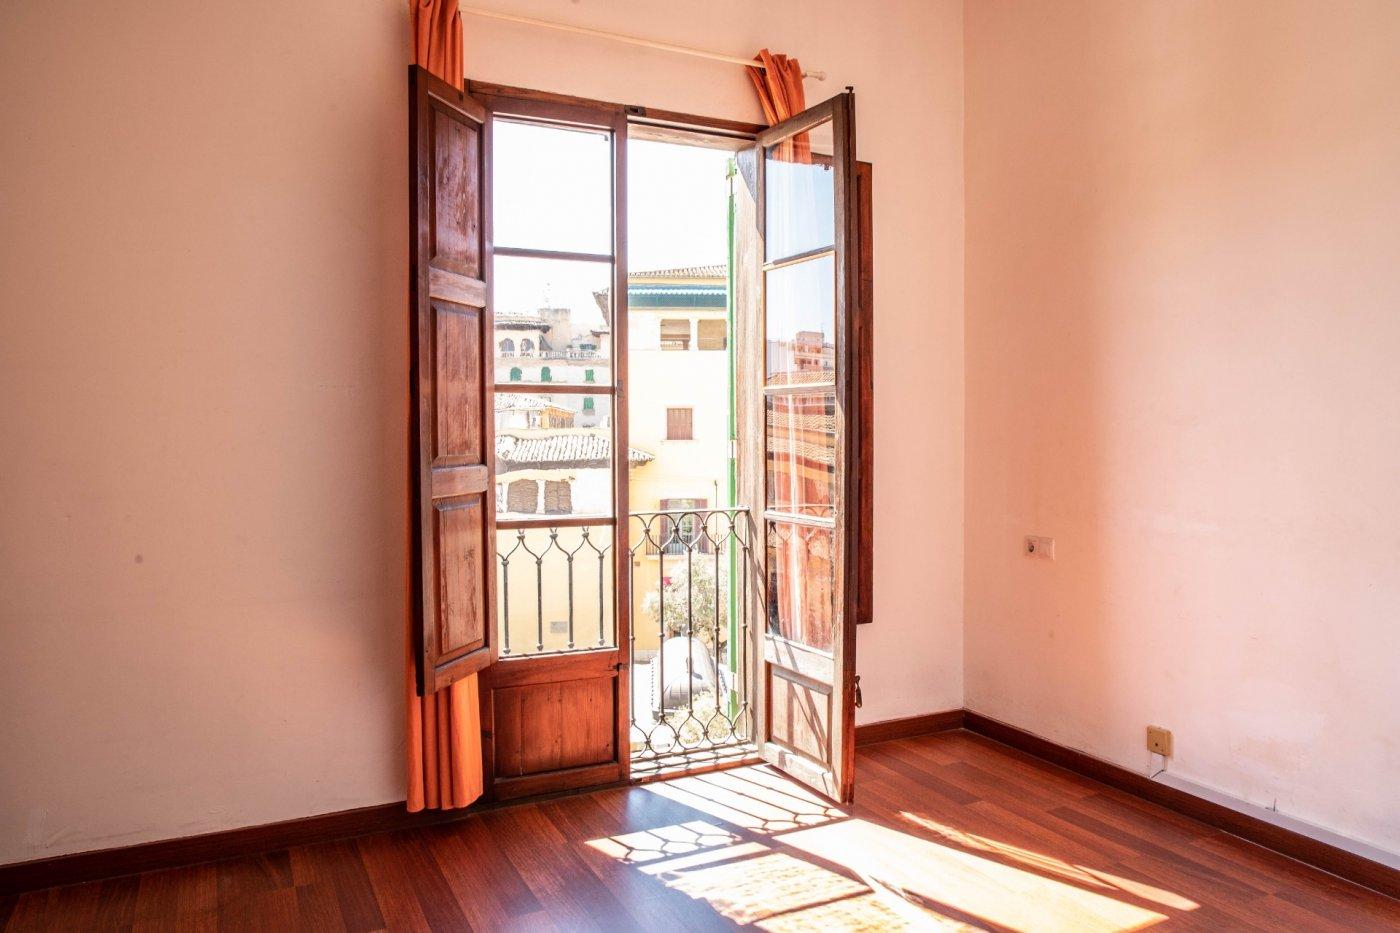 Precioso piso antiguo con mucho carácter en el centro de palma - imagenInmueble0